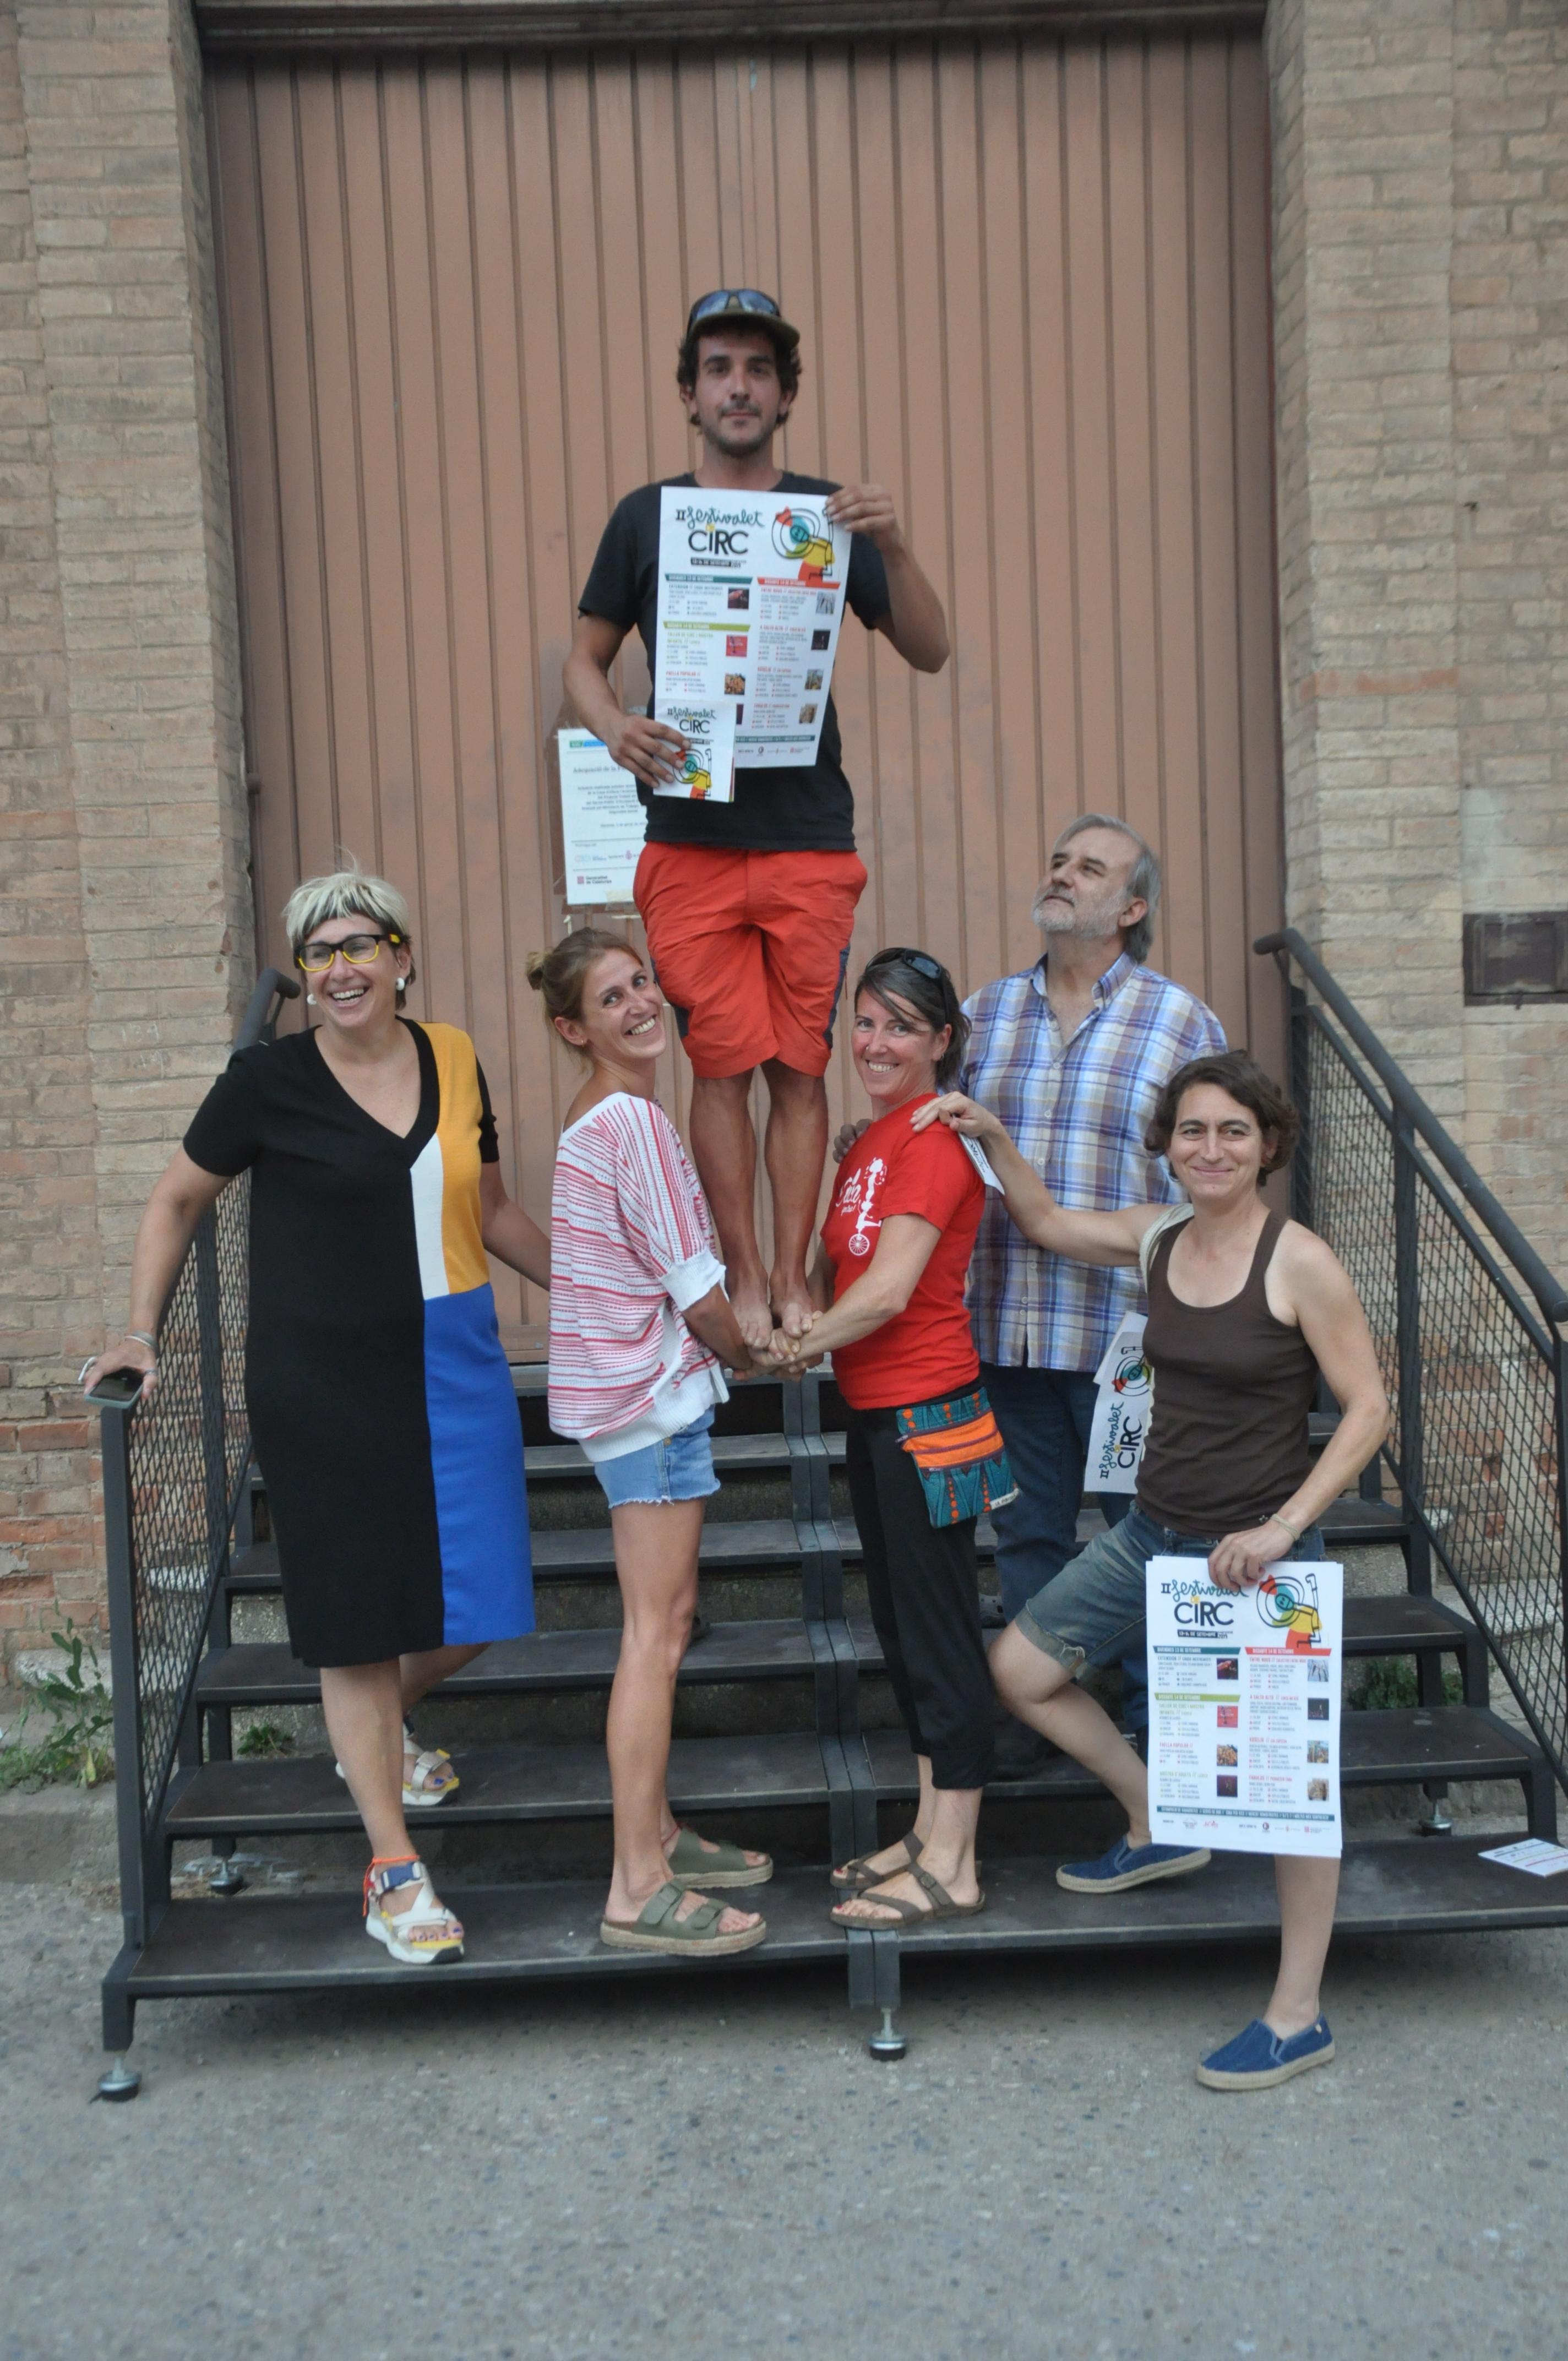 Torna el Festivalet de circ a Manresa amb un munt de propostes espectaculars per a tots els públics